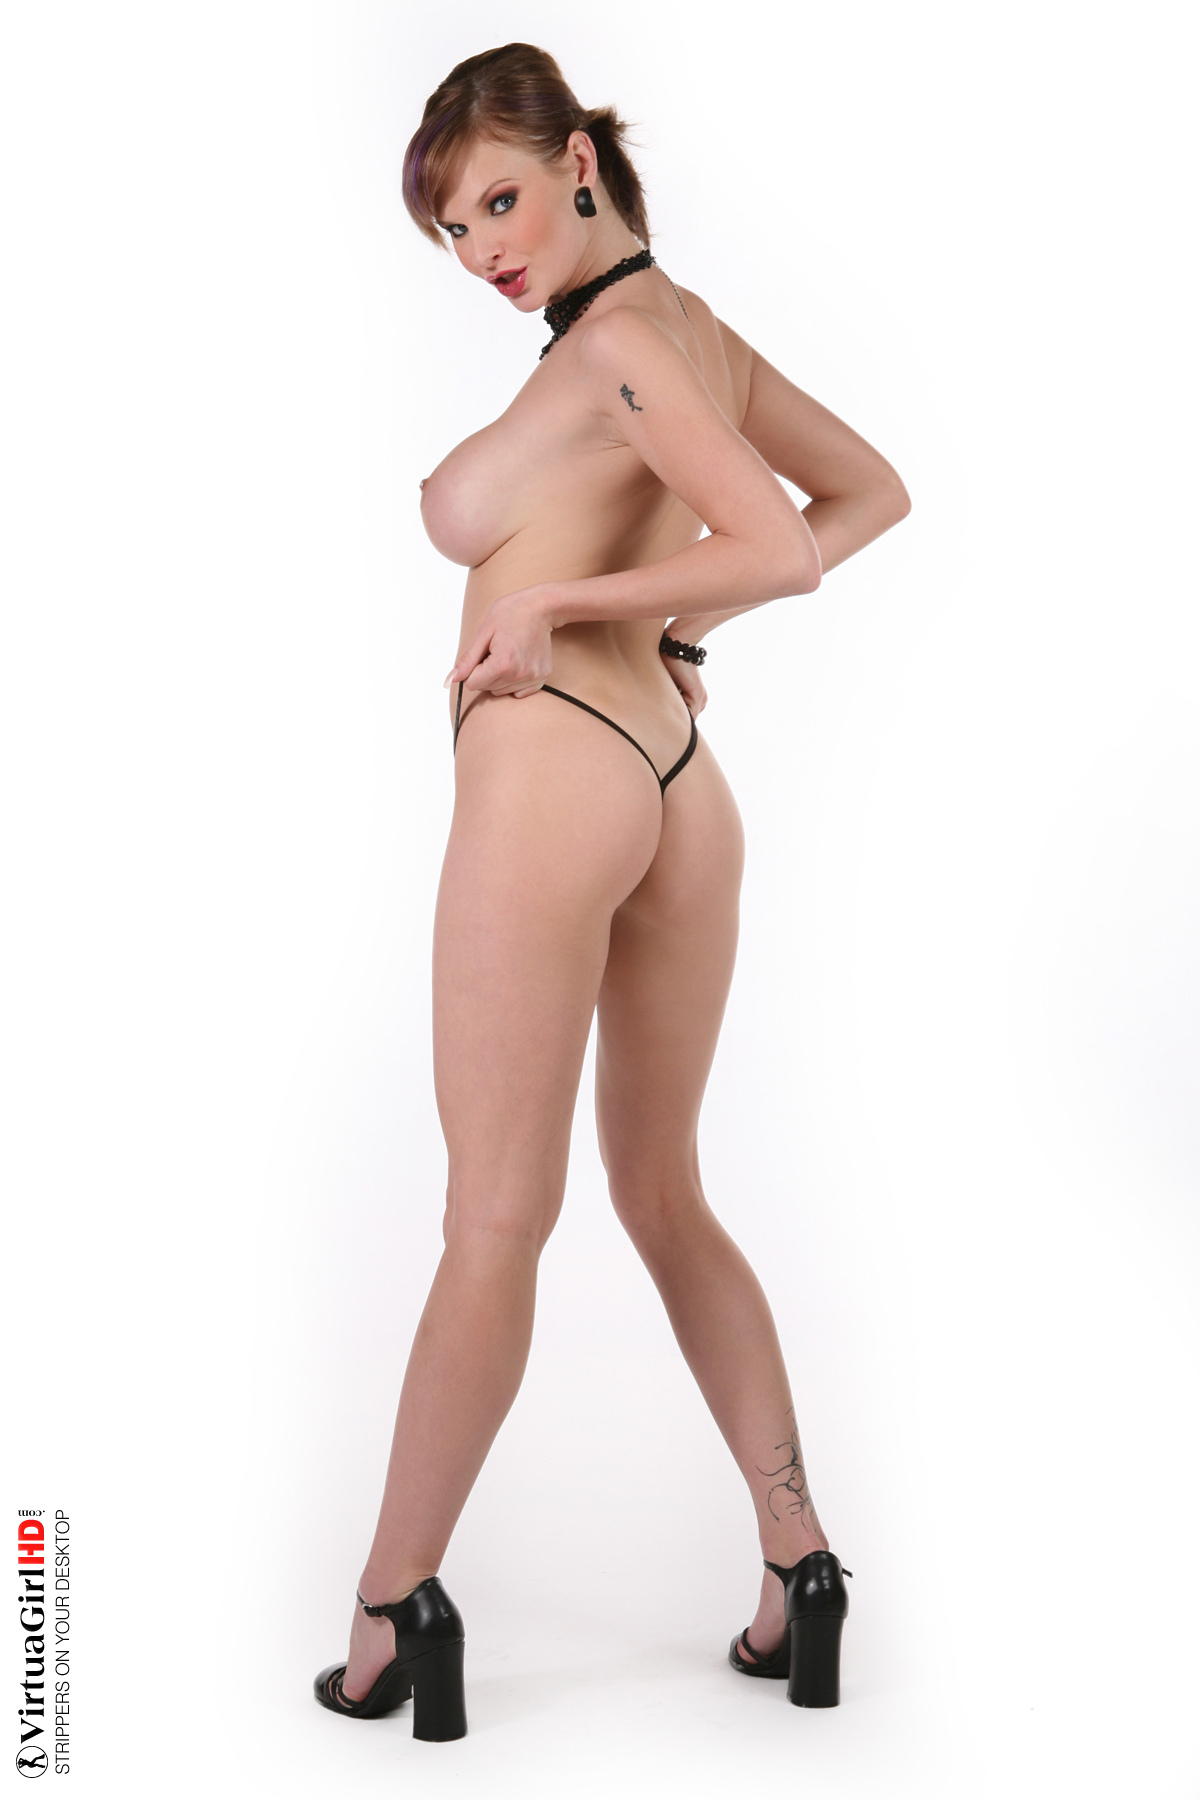 nakedwomenwallpaper